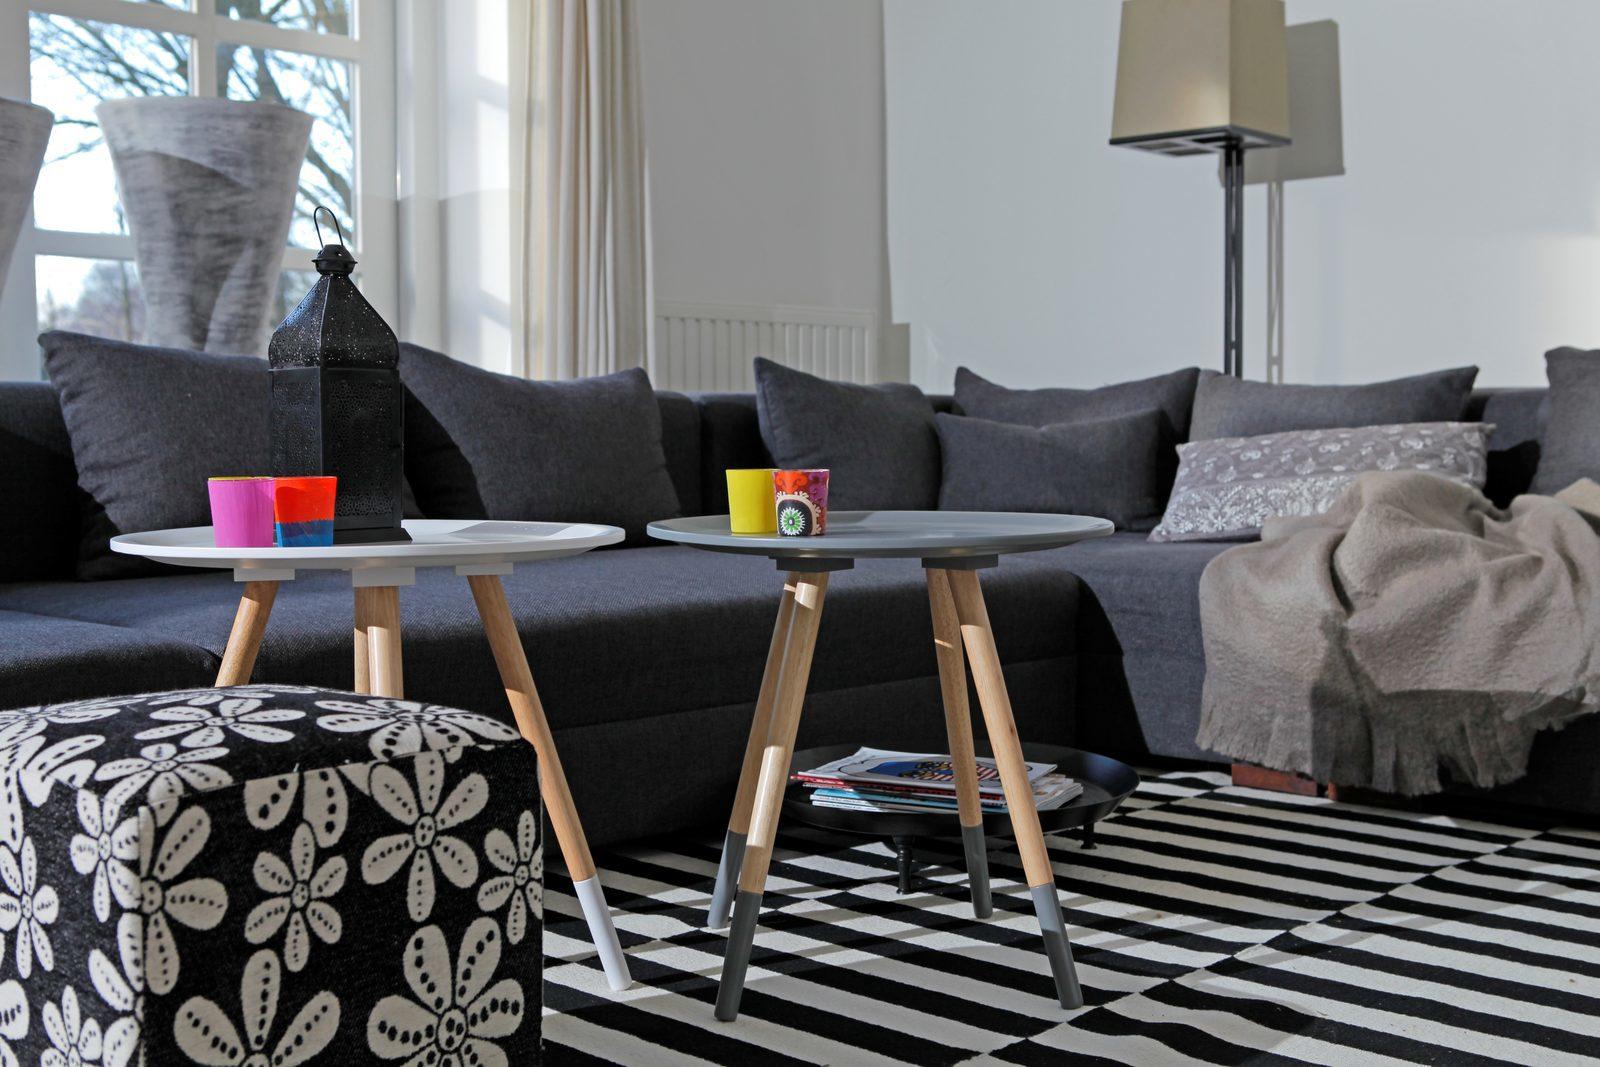 Nederland, Drenthe, Borger, Hondsrug, luxe vakantiehuis, hottub, weekendje weg, familie